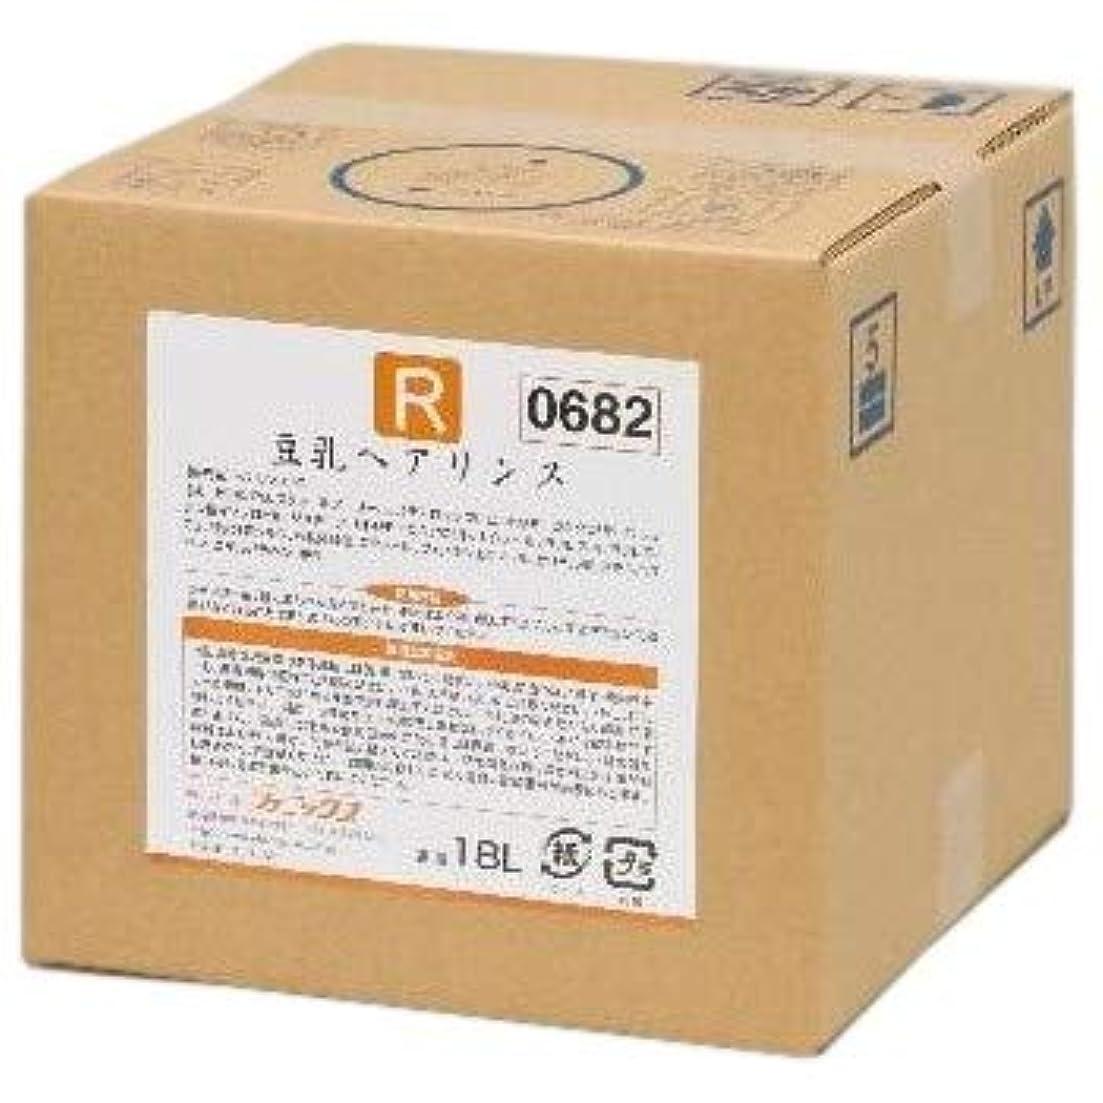 立法姿勢世代豆乳ヘアリンス 18L 1個